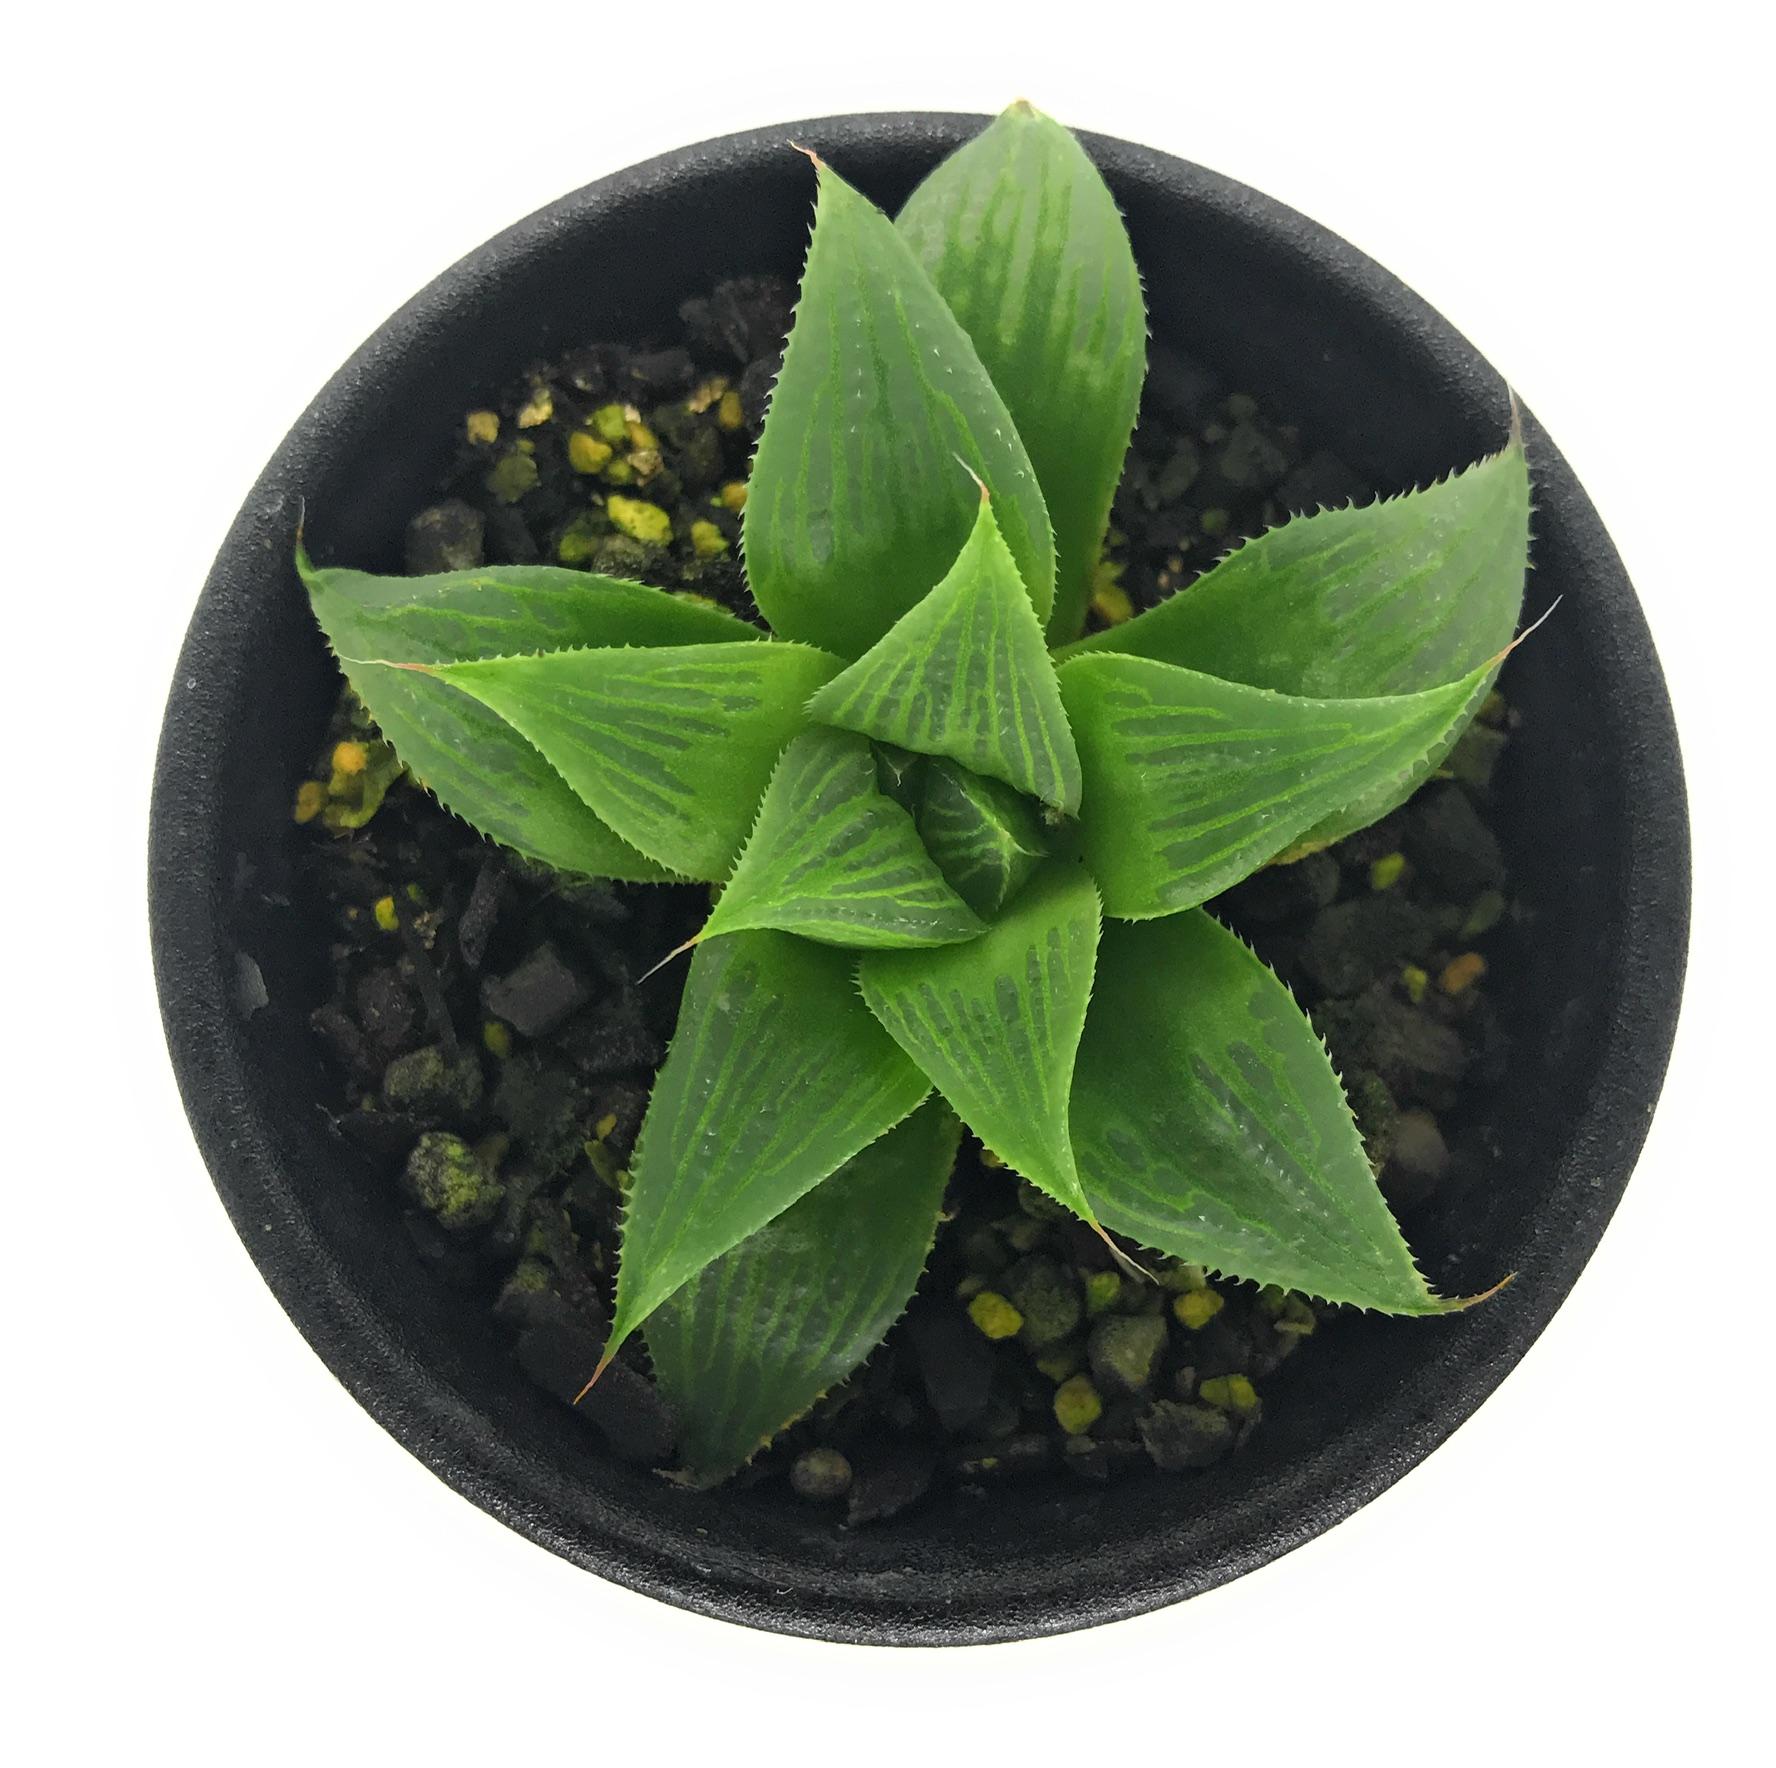 多肉植物 ハオルチア マグニフィカ 交配種 2.5号鉢